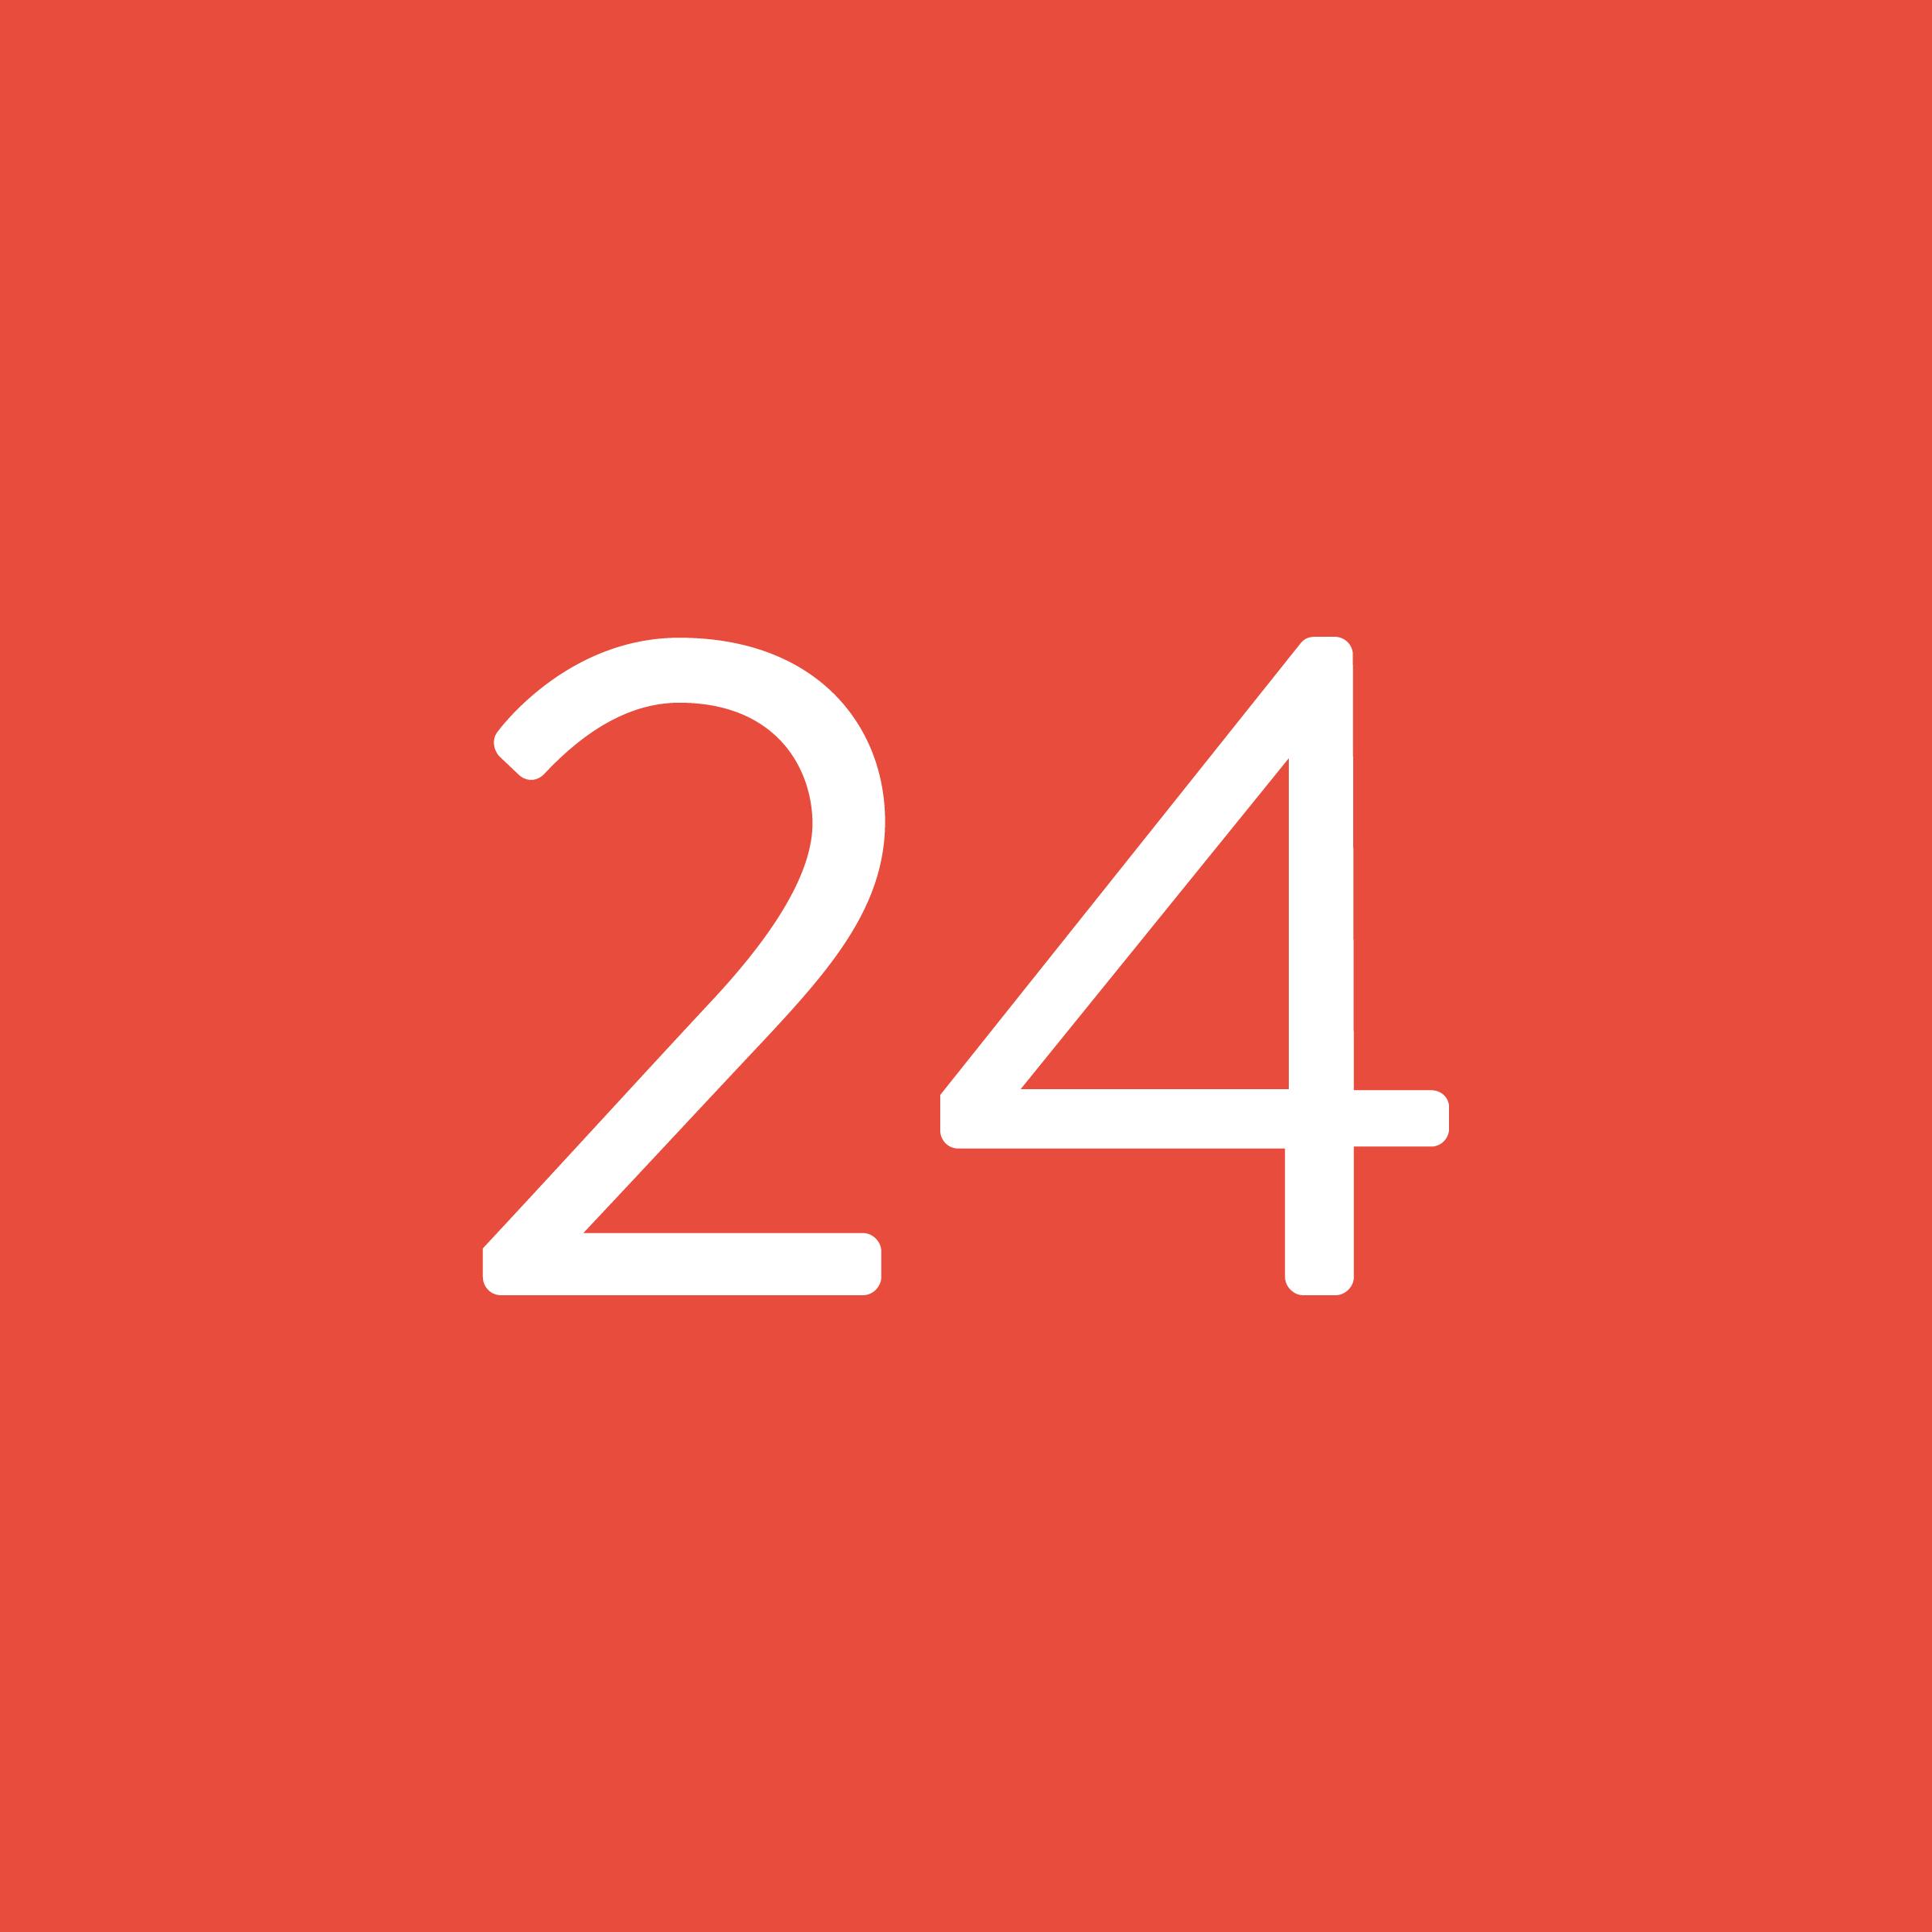 Free 5 Reel Slots – Play Online Slot Machines with 5 Reels | 24